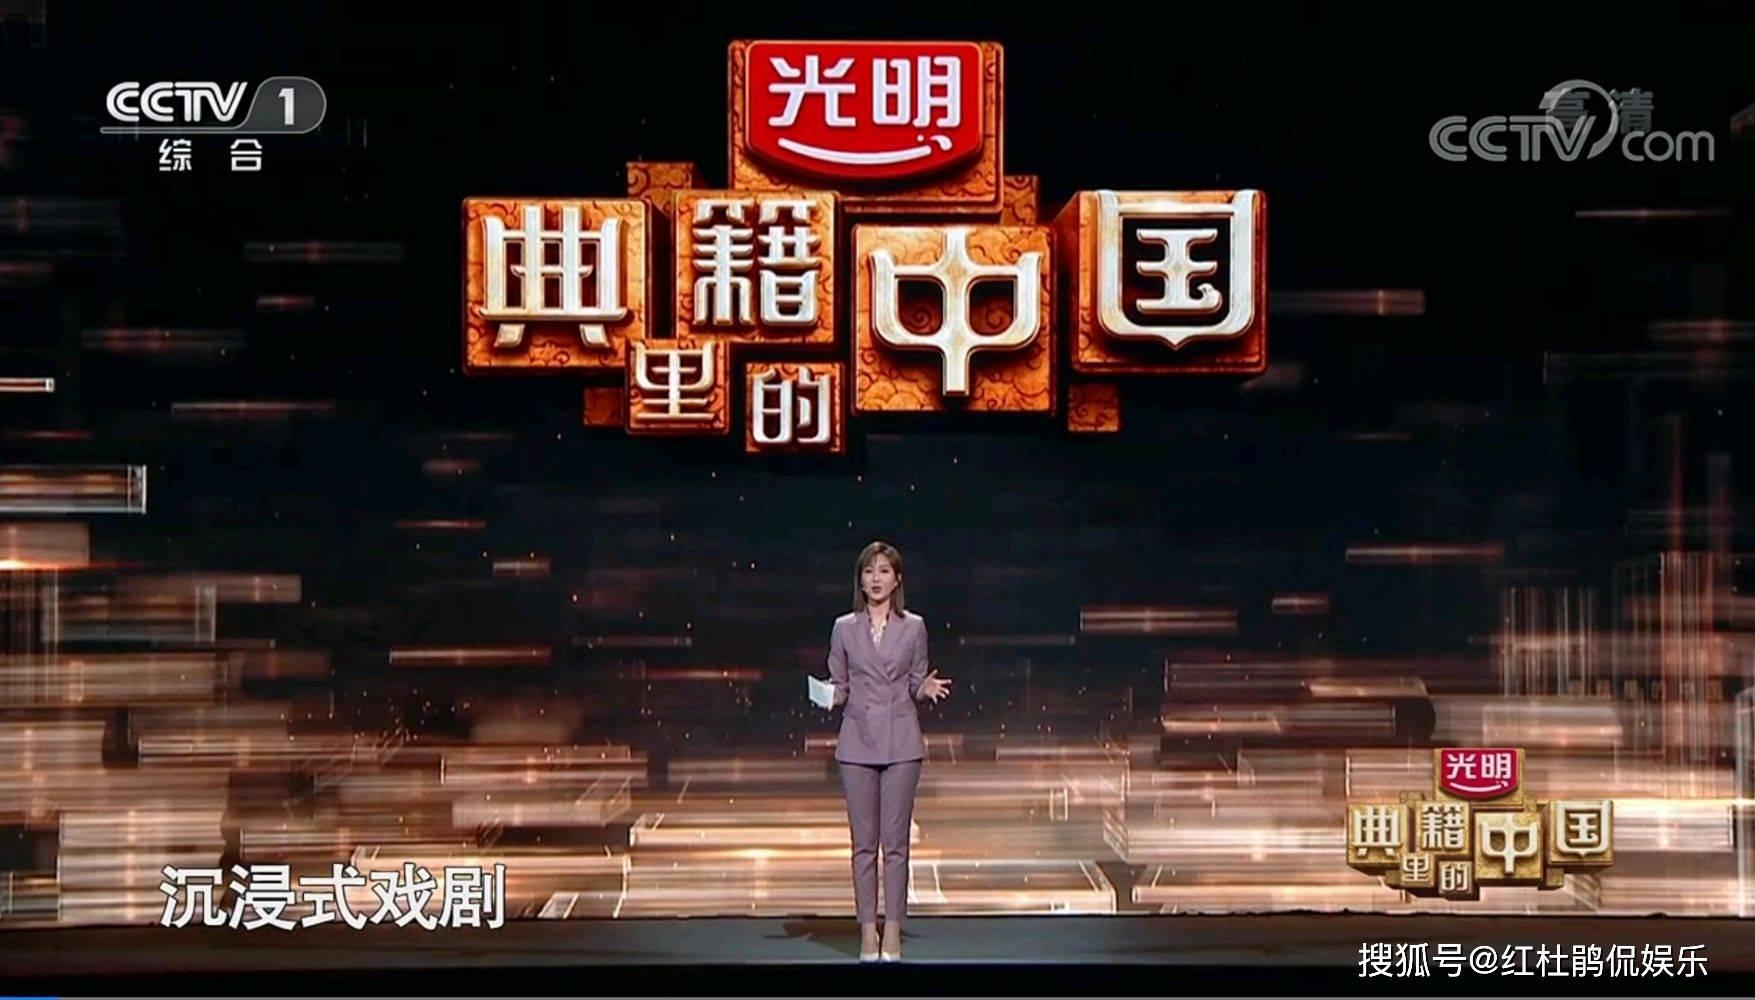 王嘉宁是不是撒贝宁的徒弟?怎么每档节目都带着她插图3